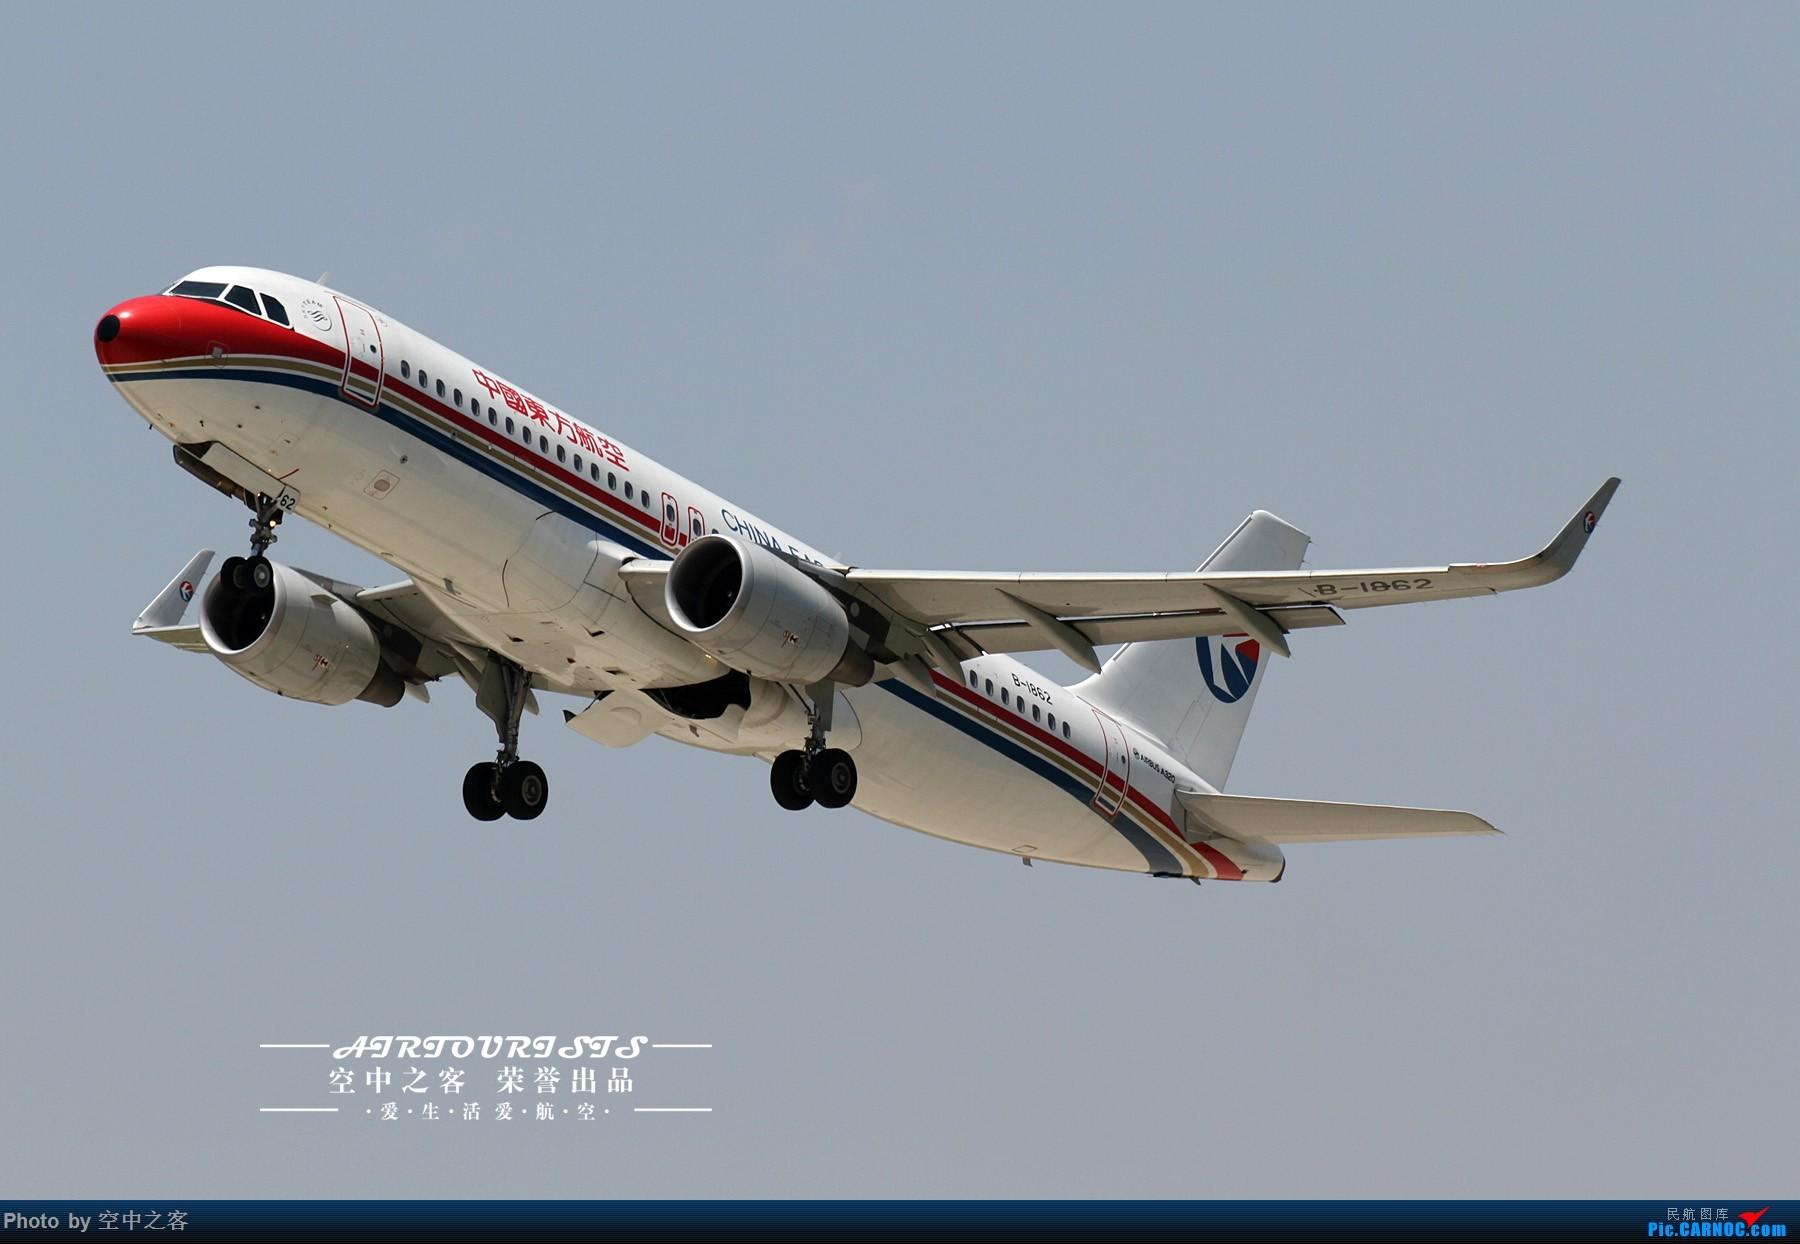 Re:[原创][合肥飞友会·霸都打机队 空中之客出品]少有的周末大晴天 来一场说走就走的拍机(1) AIRBUS A320-200 B-1862 合肥新桥国际机场